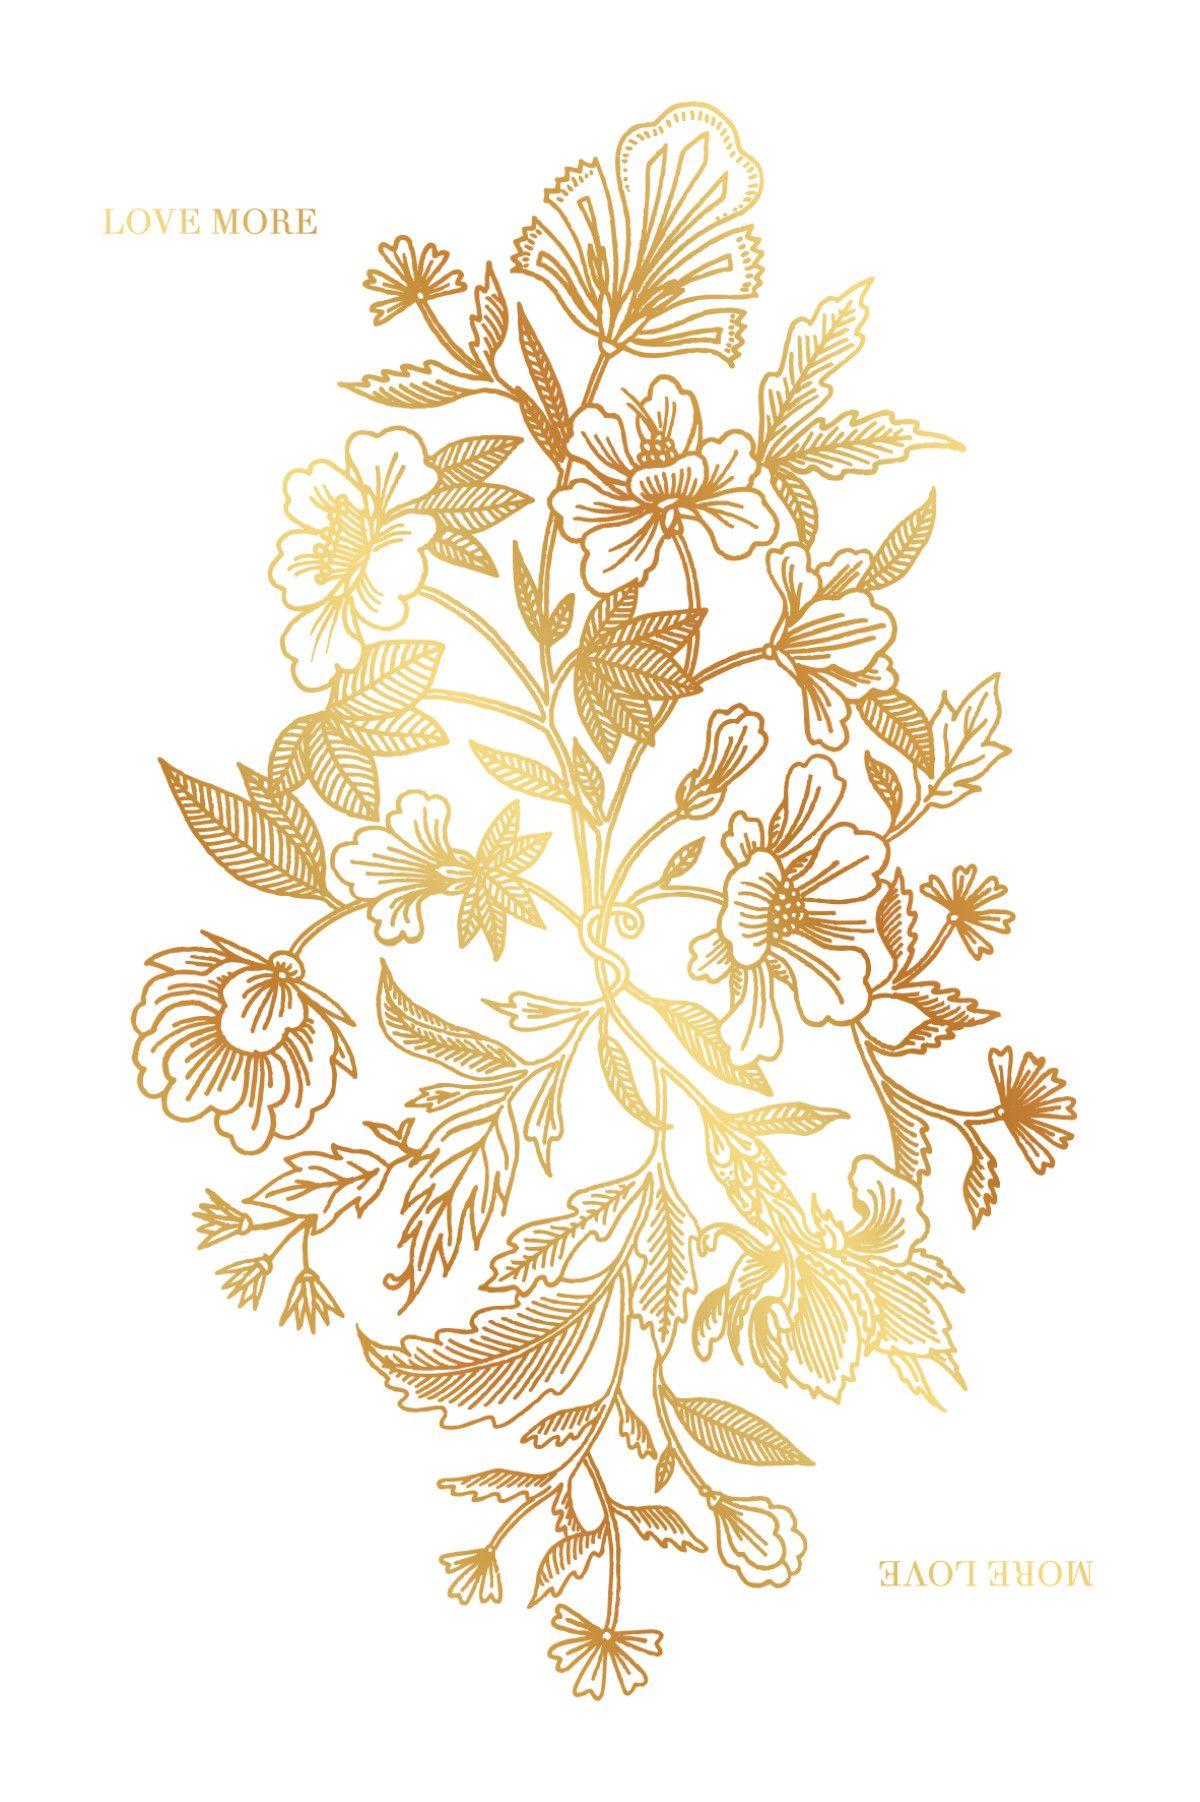 91a12d90ae5c50 Carte de voeux Love more (dorure) de l'Atelier Rosemood #voeux ...